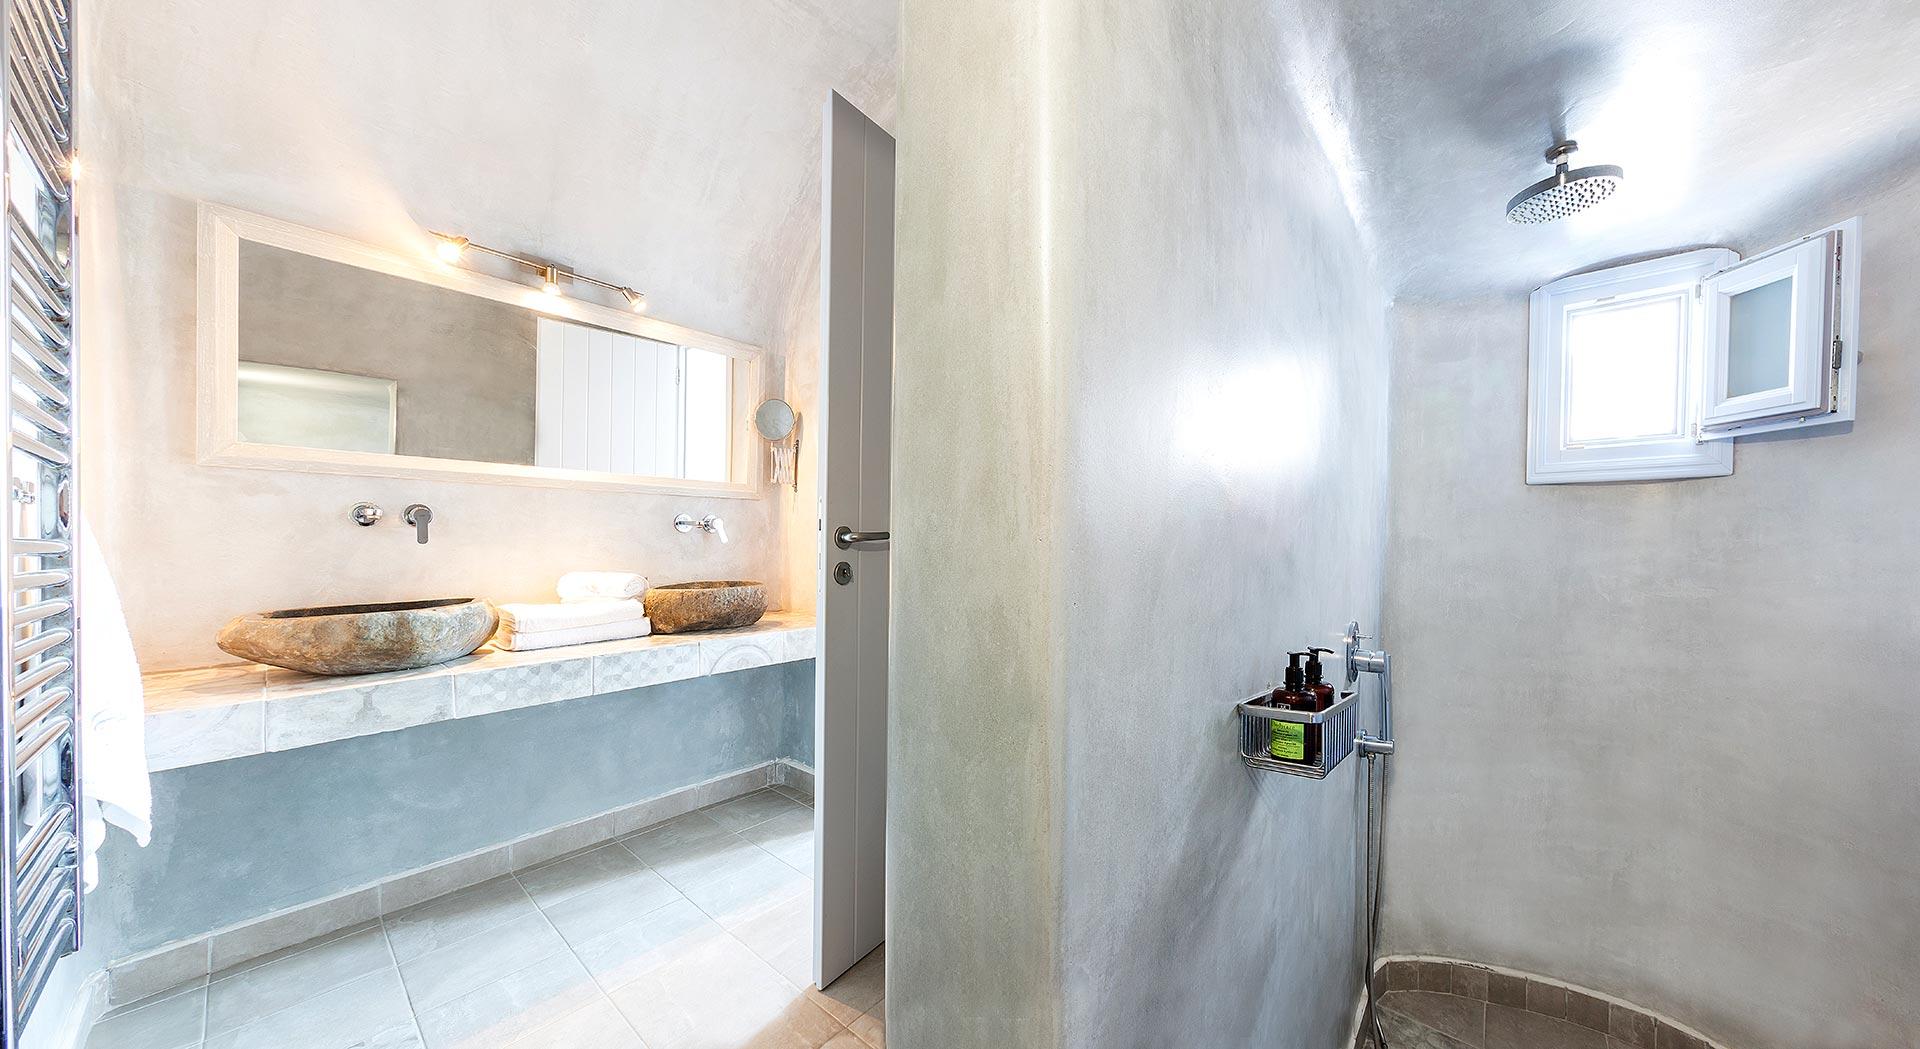 honeymoon suites apartmens bathroom santorini bluedolphins